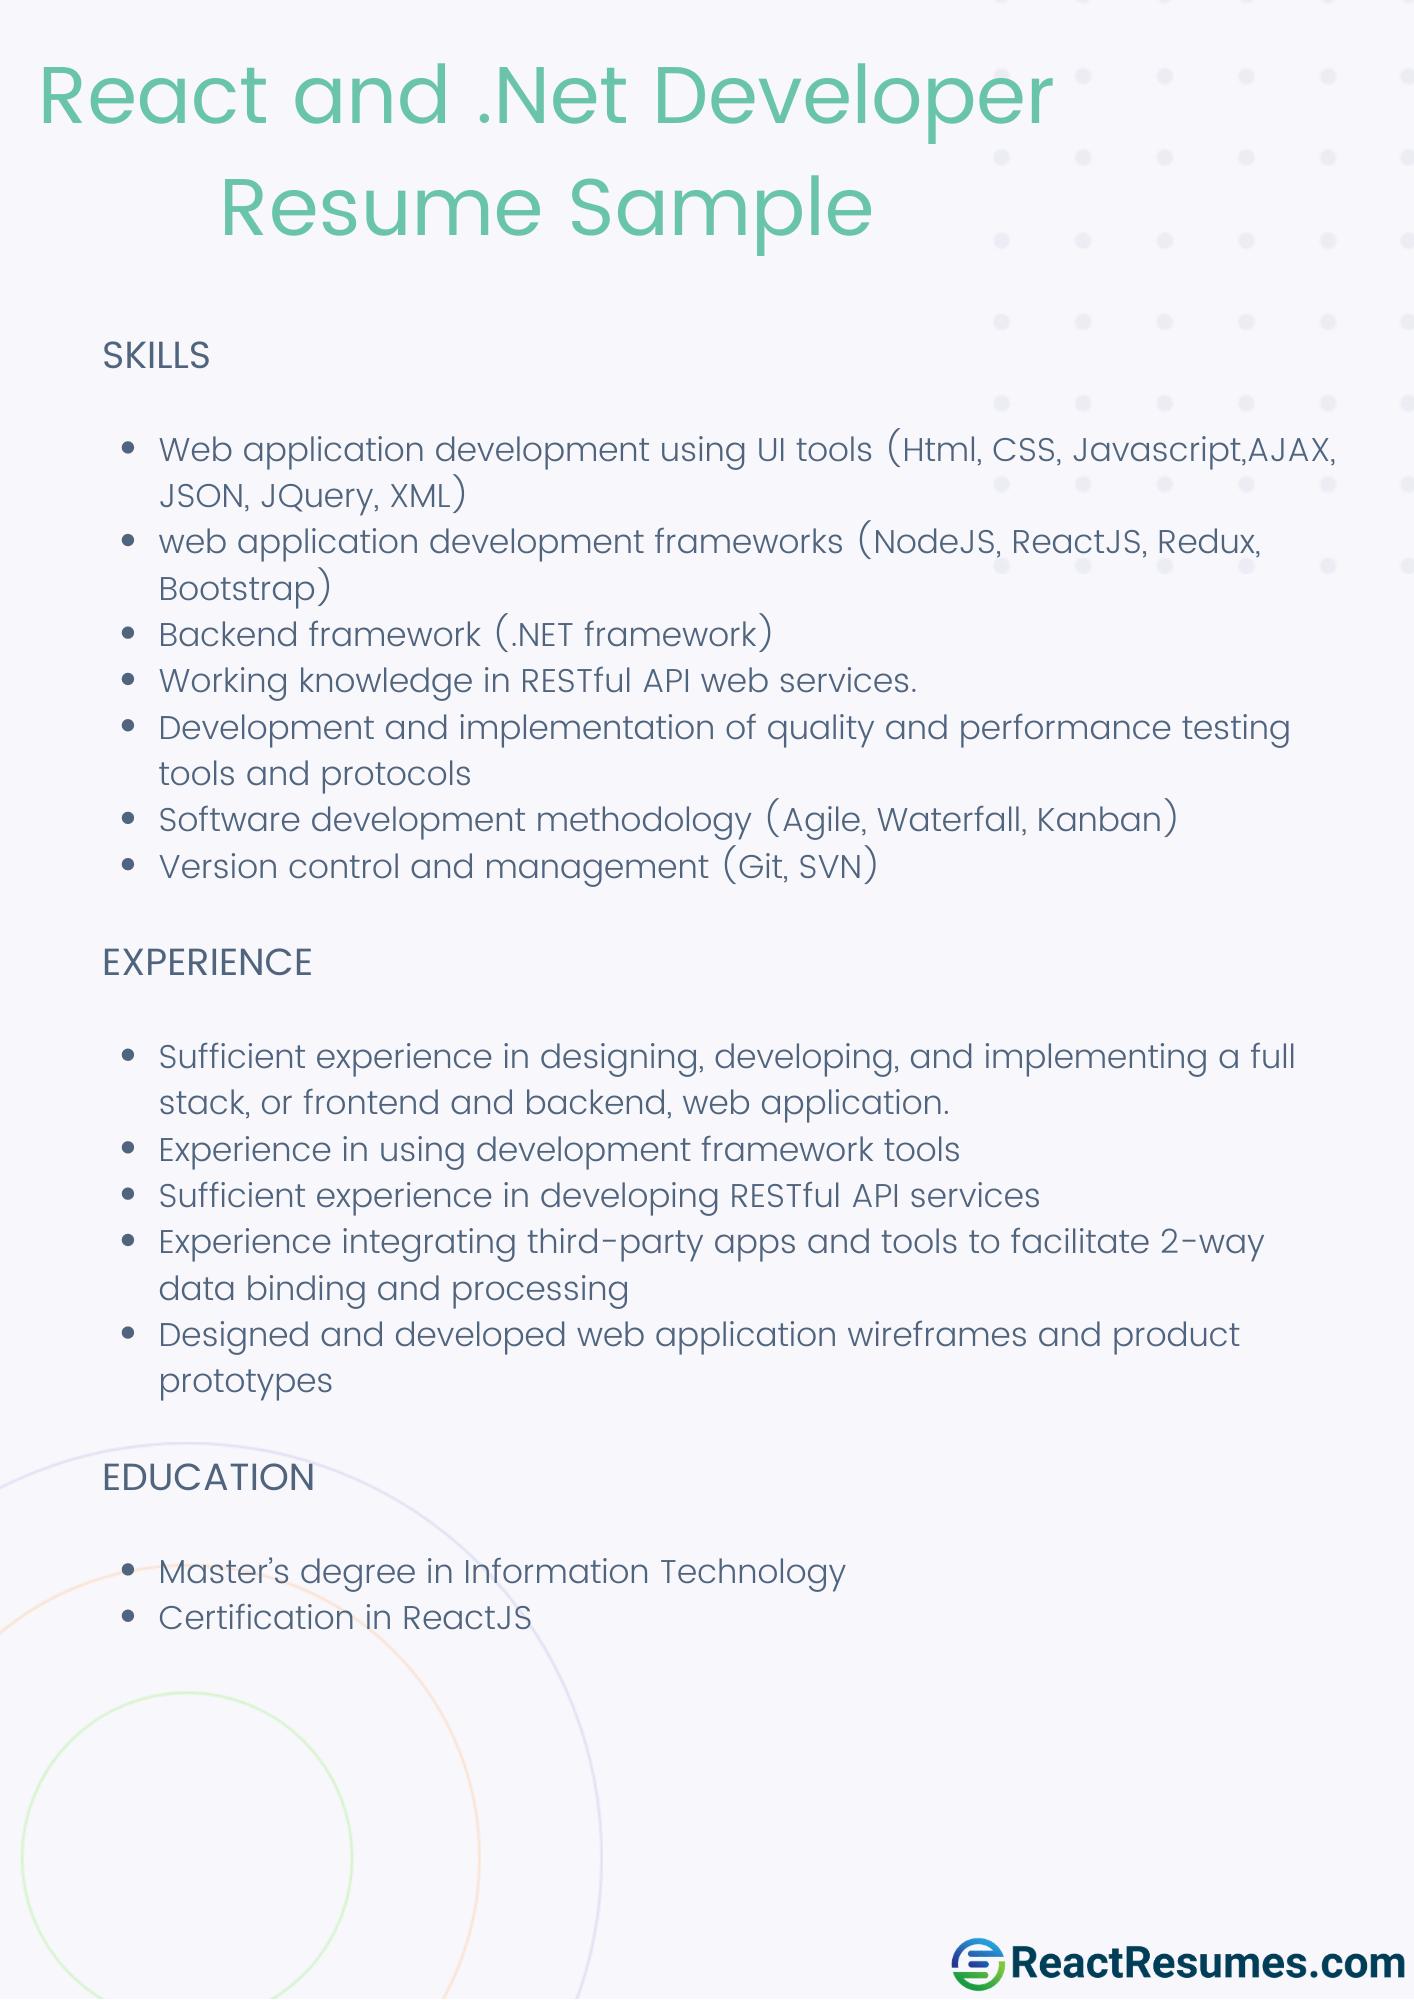 react and .net developer resume sample